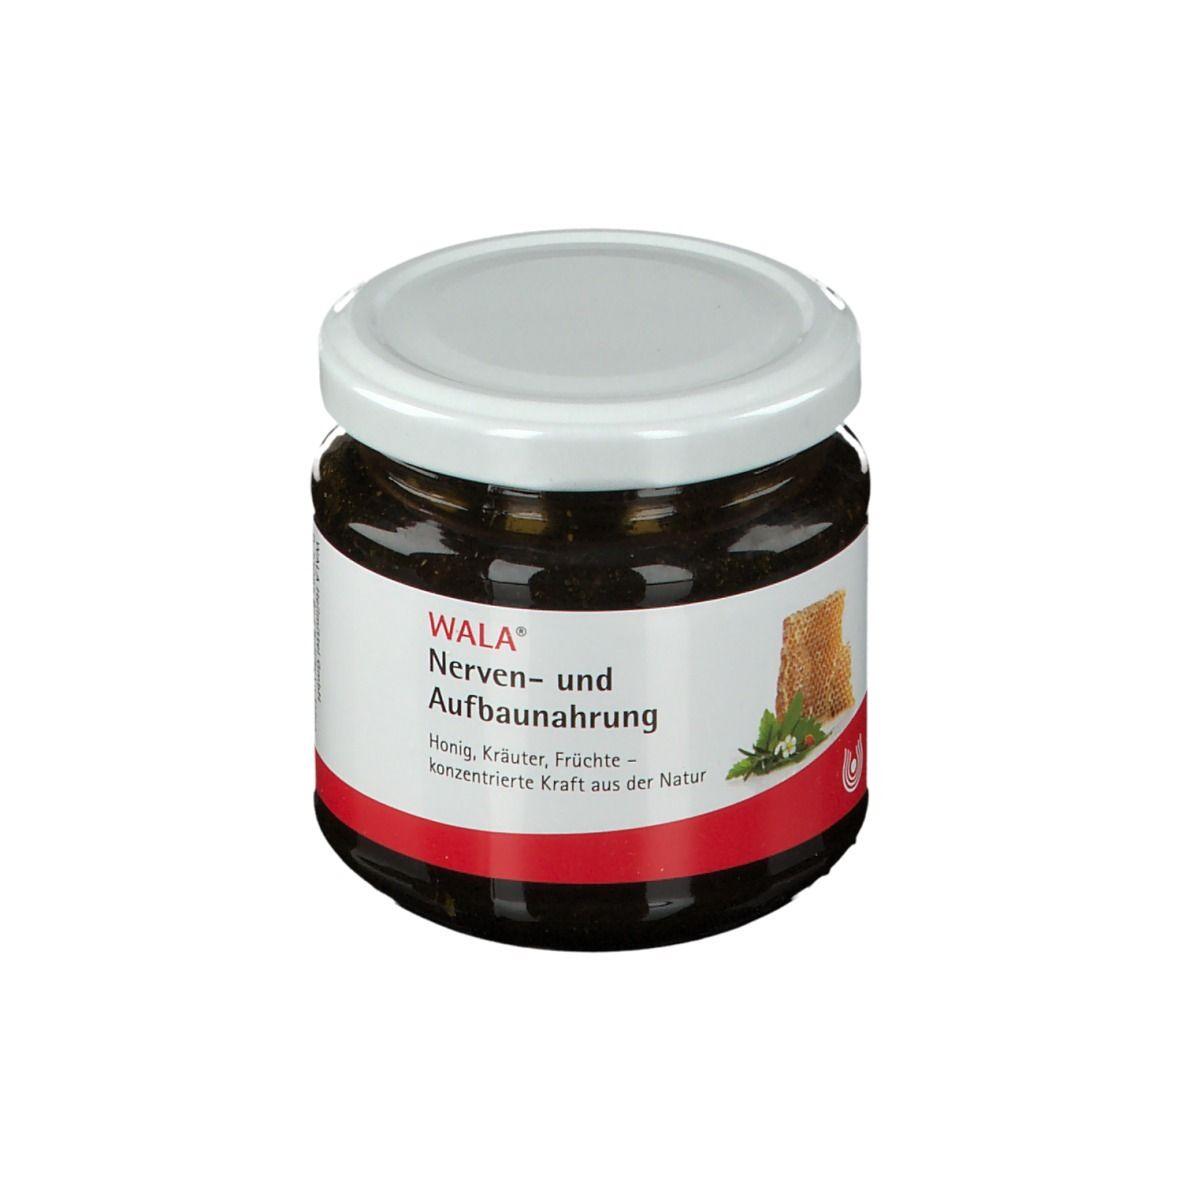 Image of WALA® Nerven- und Aufbaunahrung